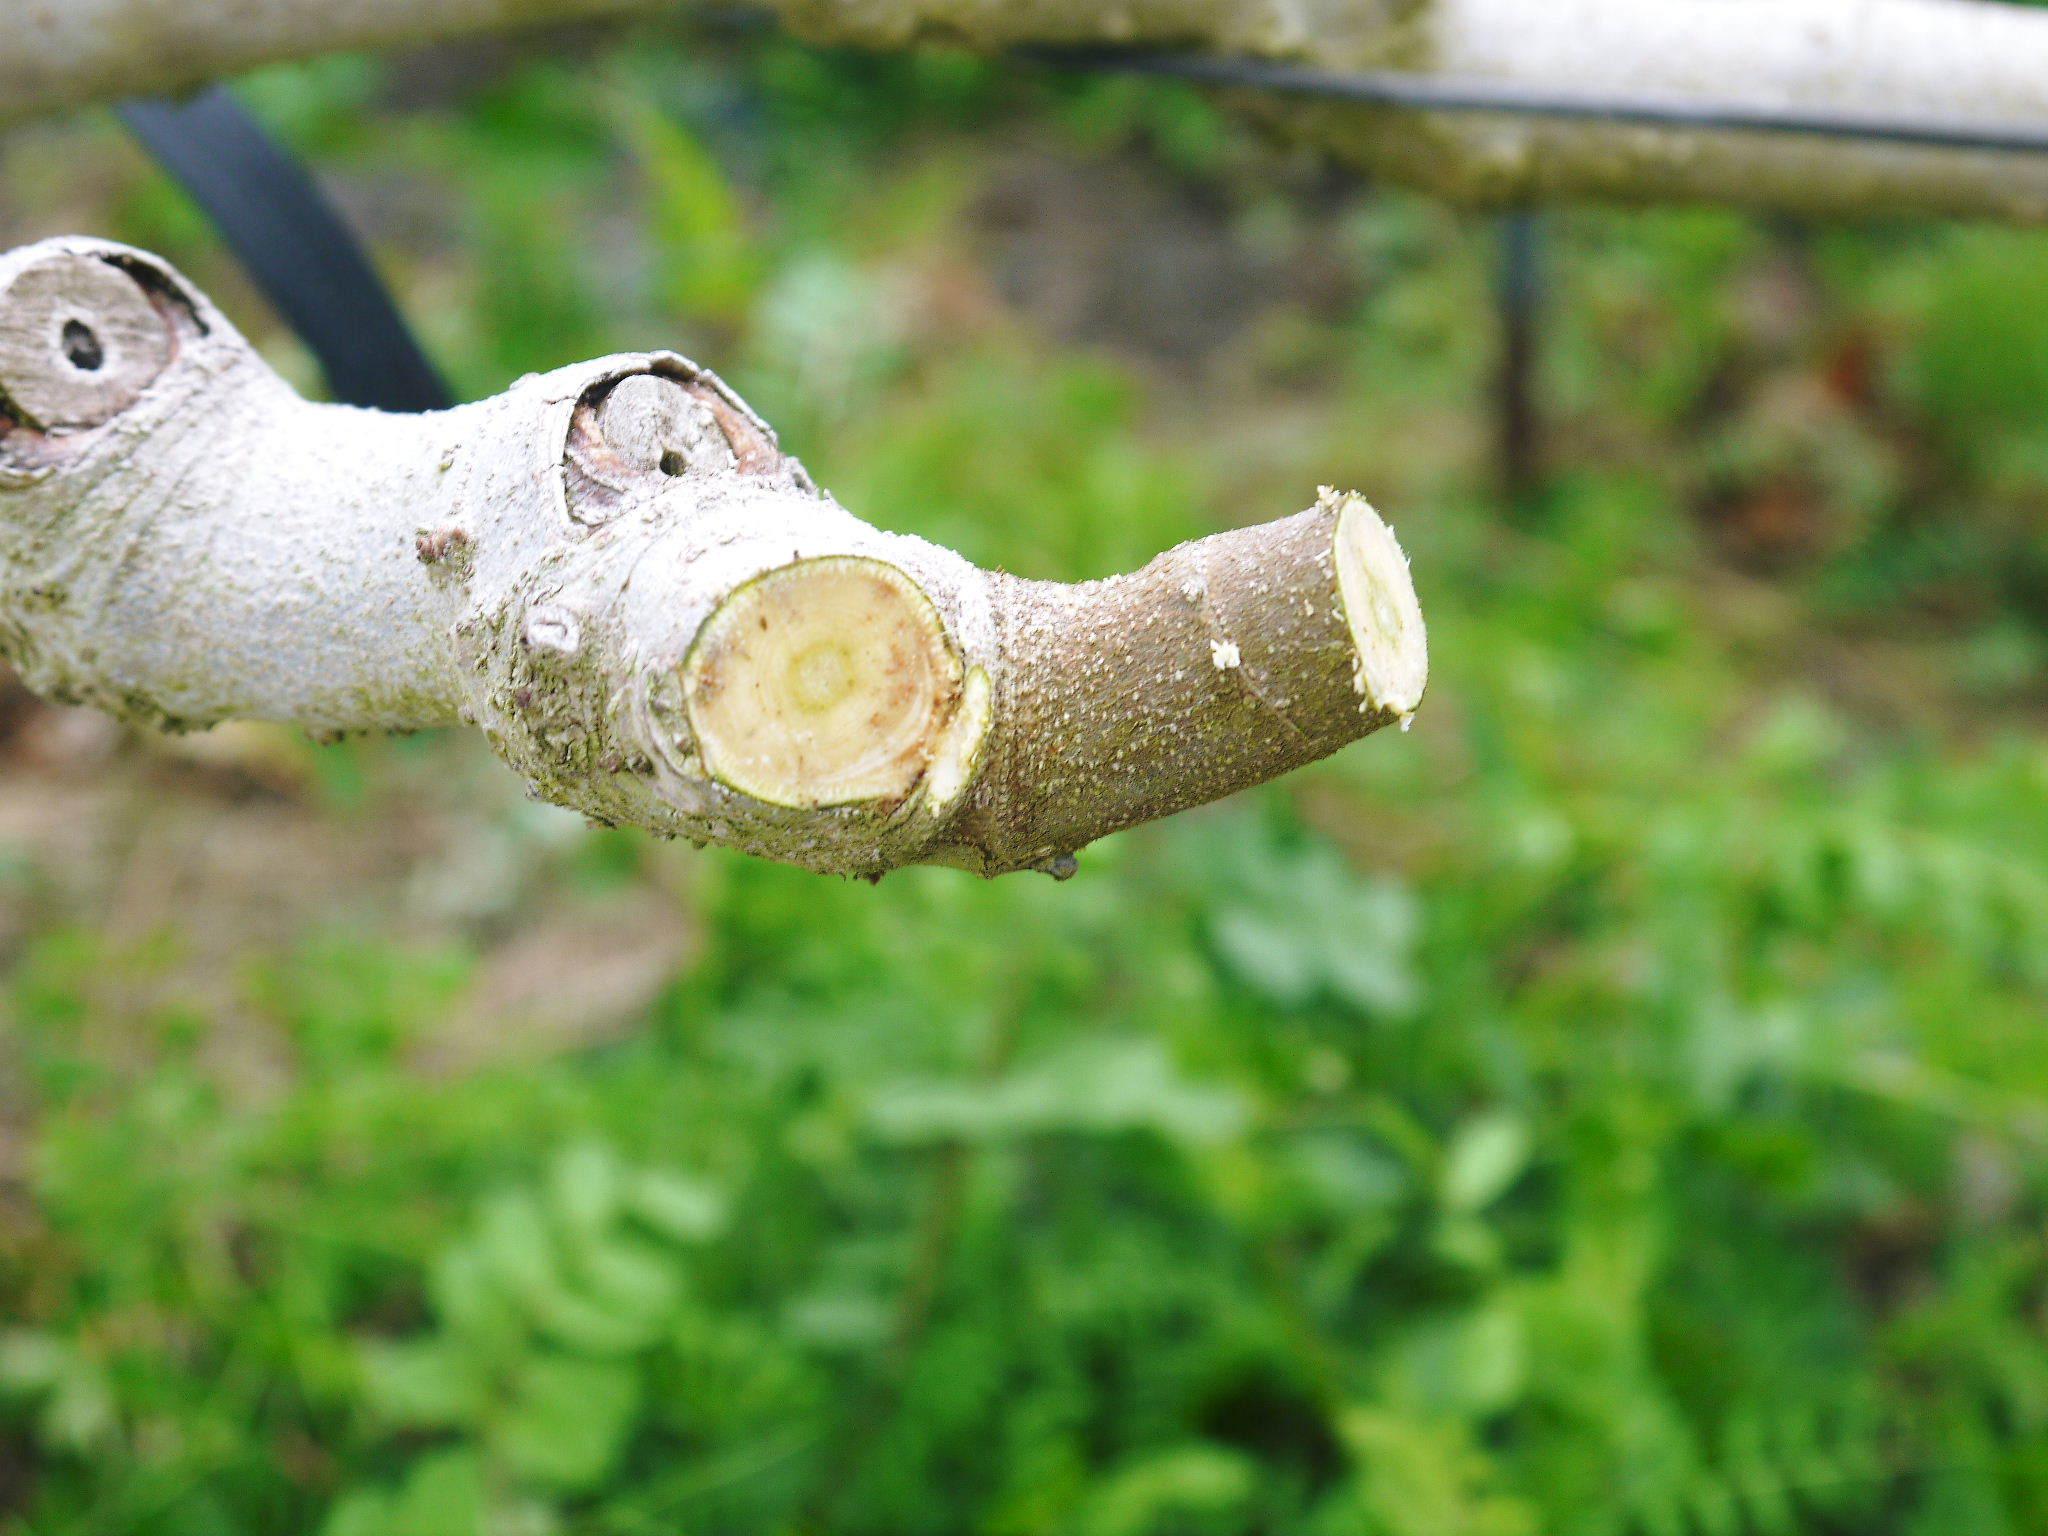 甘熟イチジク 匠の剪定作業2021 前編:結果枝を匠の剪定!1節から実るように弱い芽を残します! _a0254656_18273453.jpg